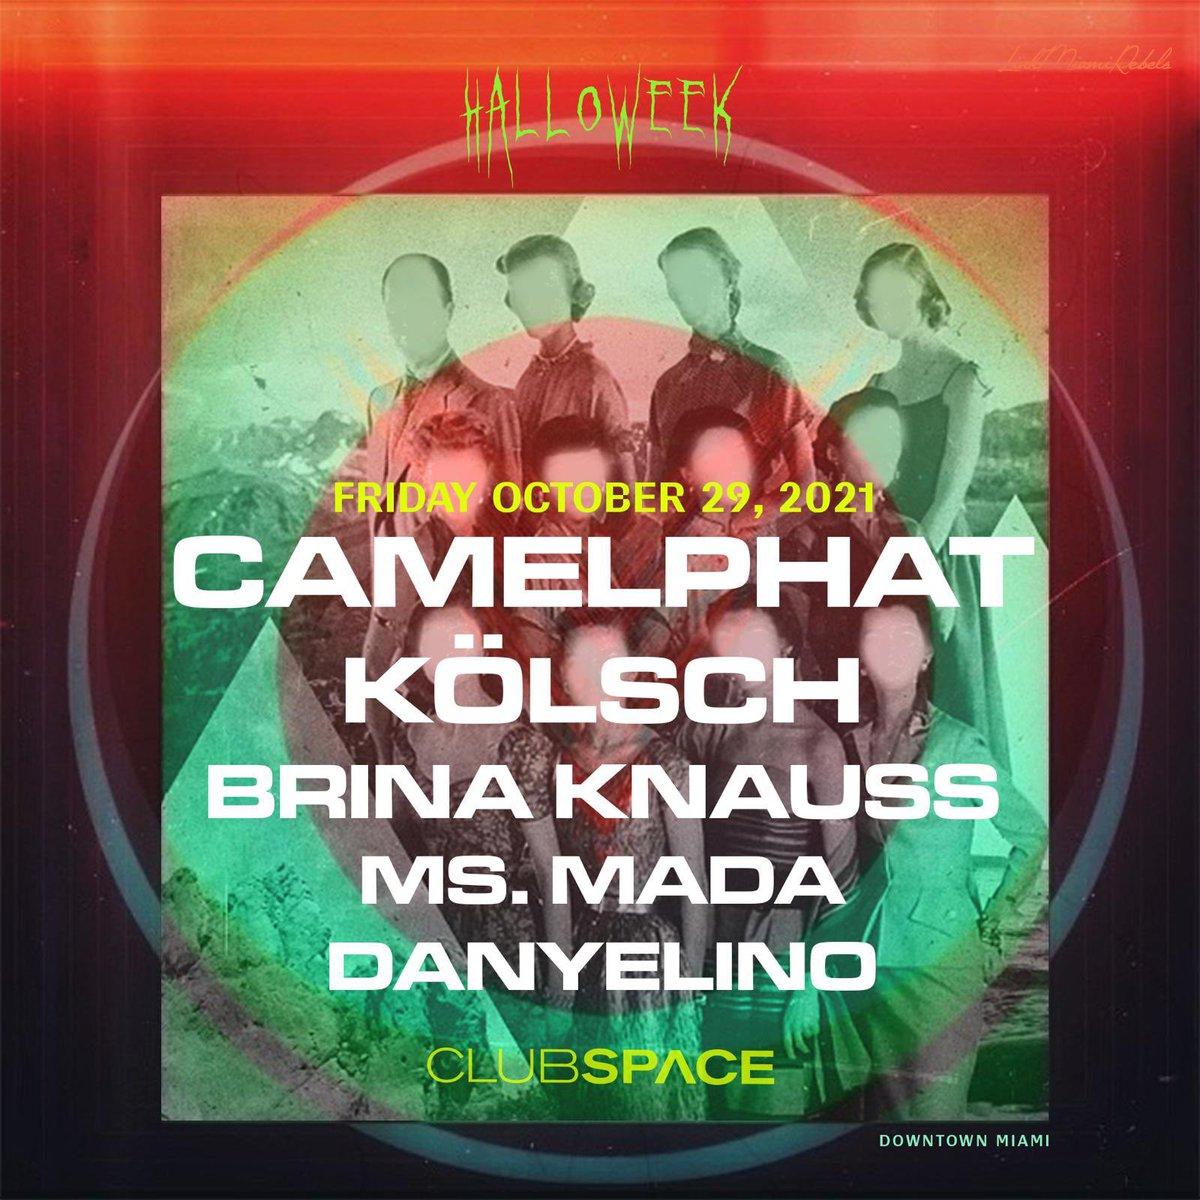 Space Miami 10/29 🇺🇸🌒 With @kolschofficial Tix: eventbrite.com/e/camelphat-ko…